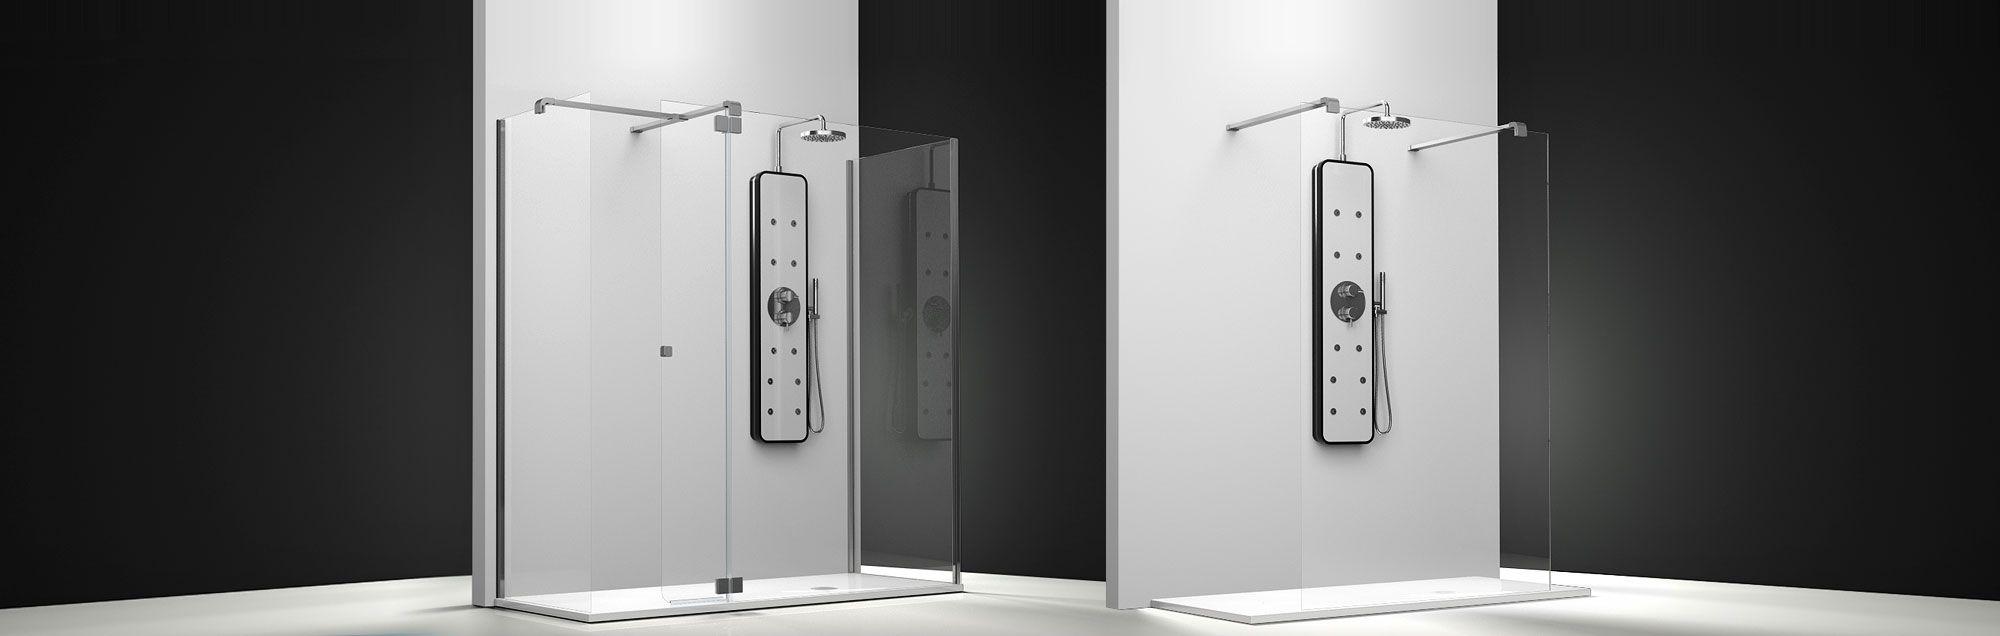 Serie Belus de mamparas walk-in de ducha a medida